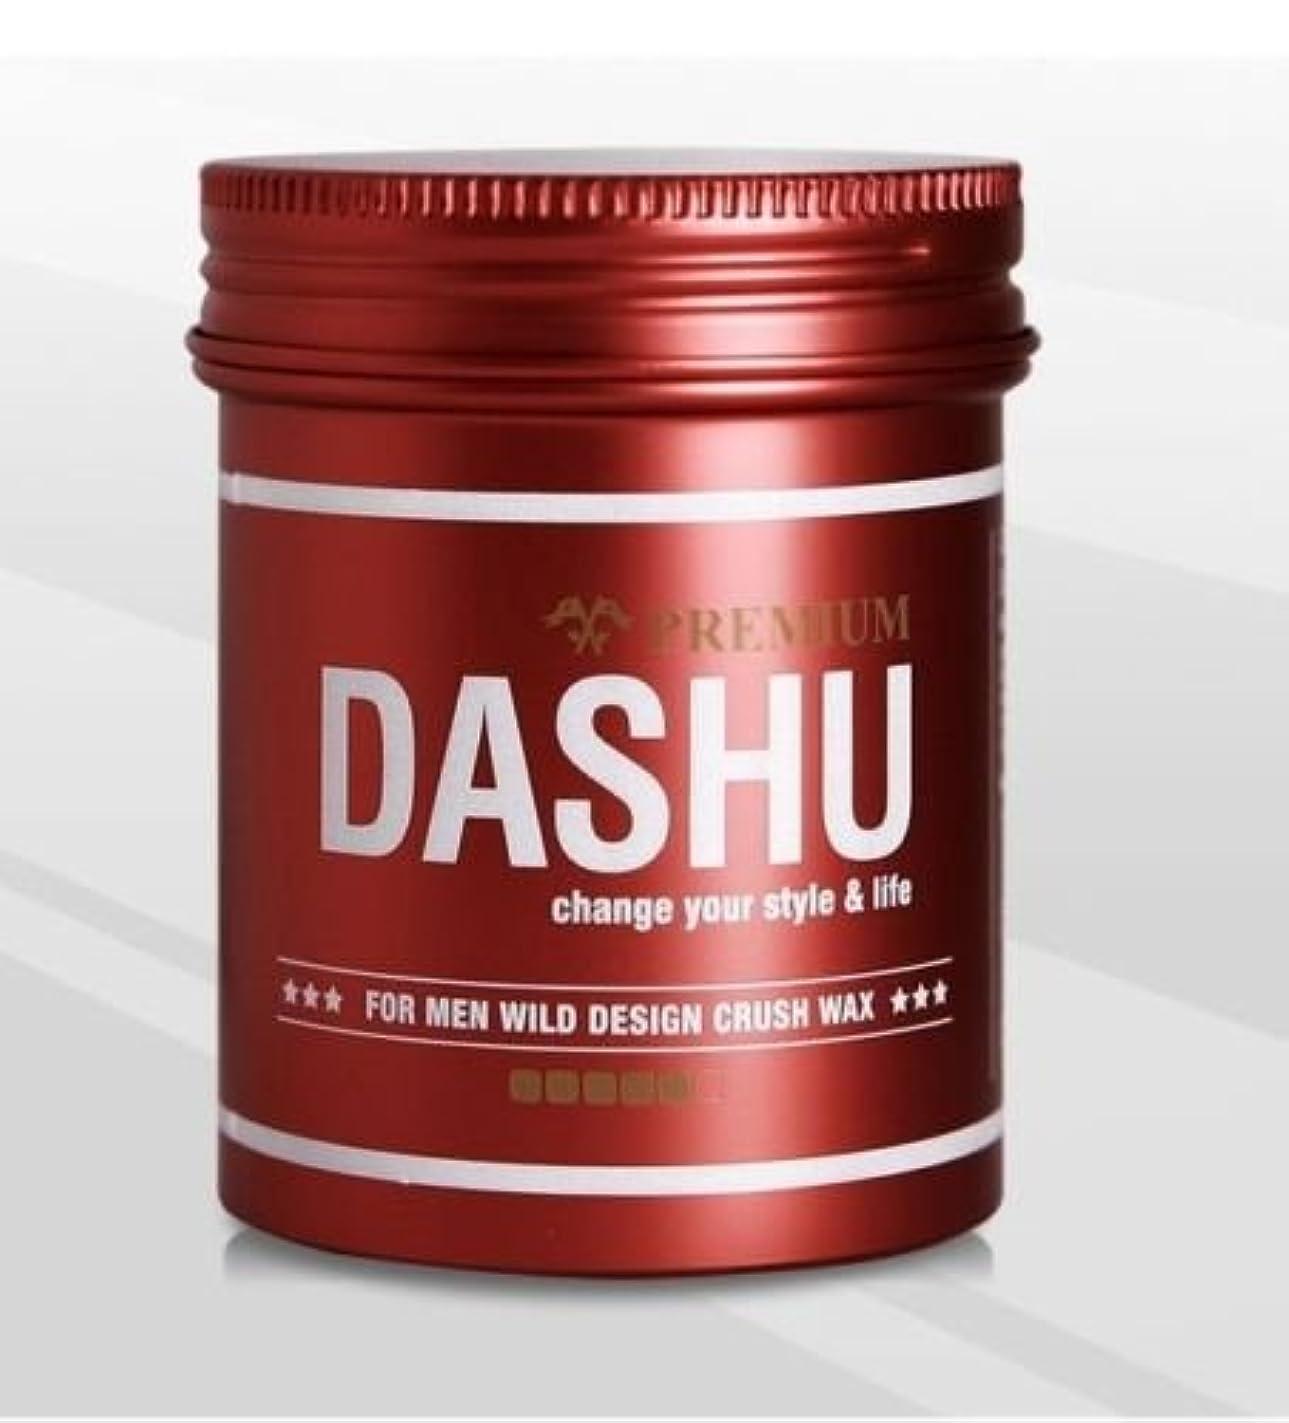 ミシン目キャップチューリップ[DASHU] ダシュ For Men男性用 プレミアムワイルドデザインクラッシュワックス Premium Wild Design Crush Hair Wax 100ml / 韓国製 . 韓国直送品